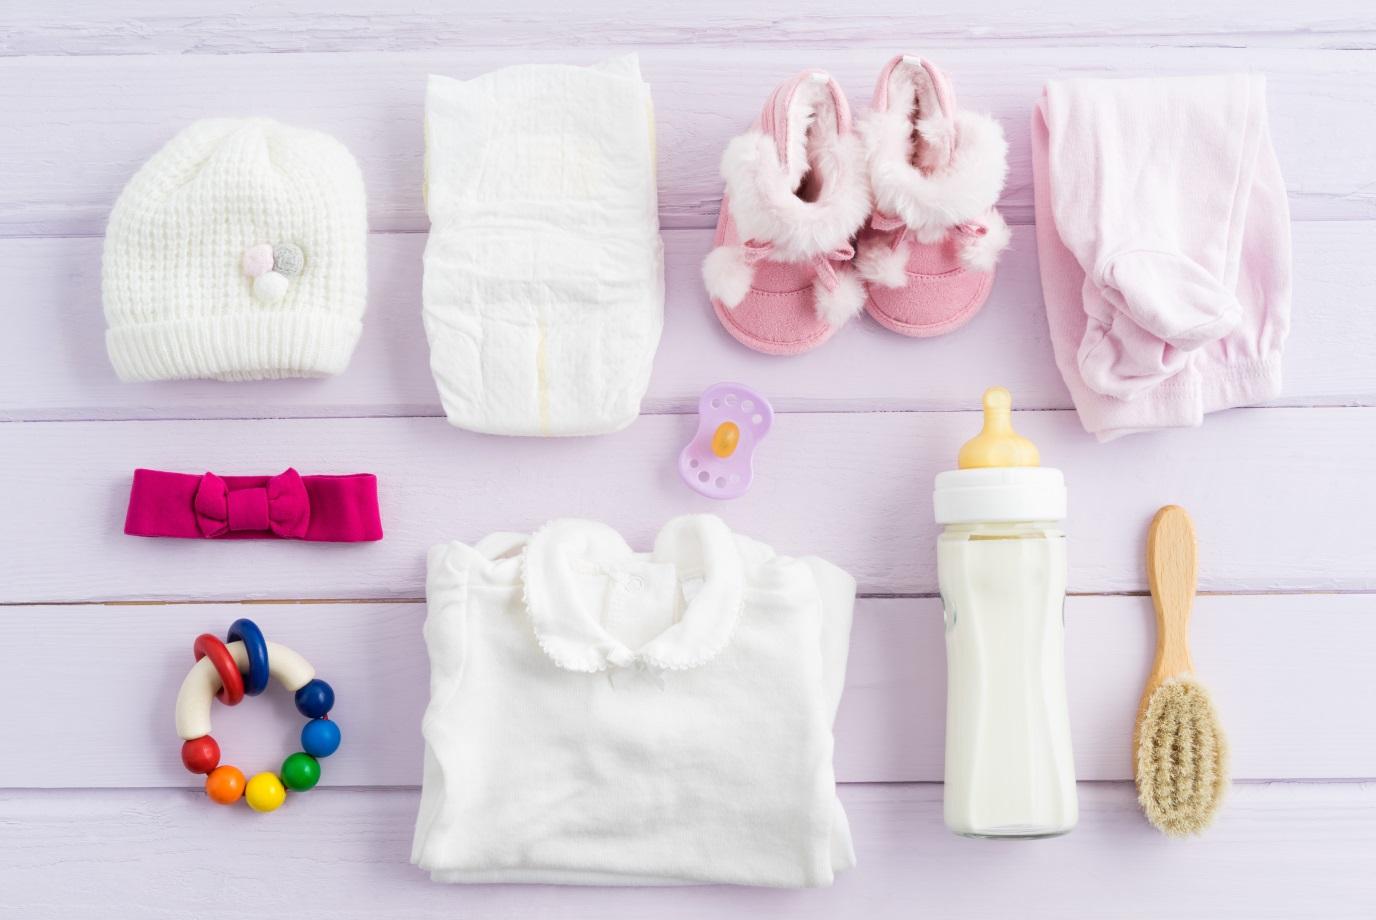 Memilih Perlengkapan Bayi  yang Tepat